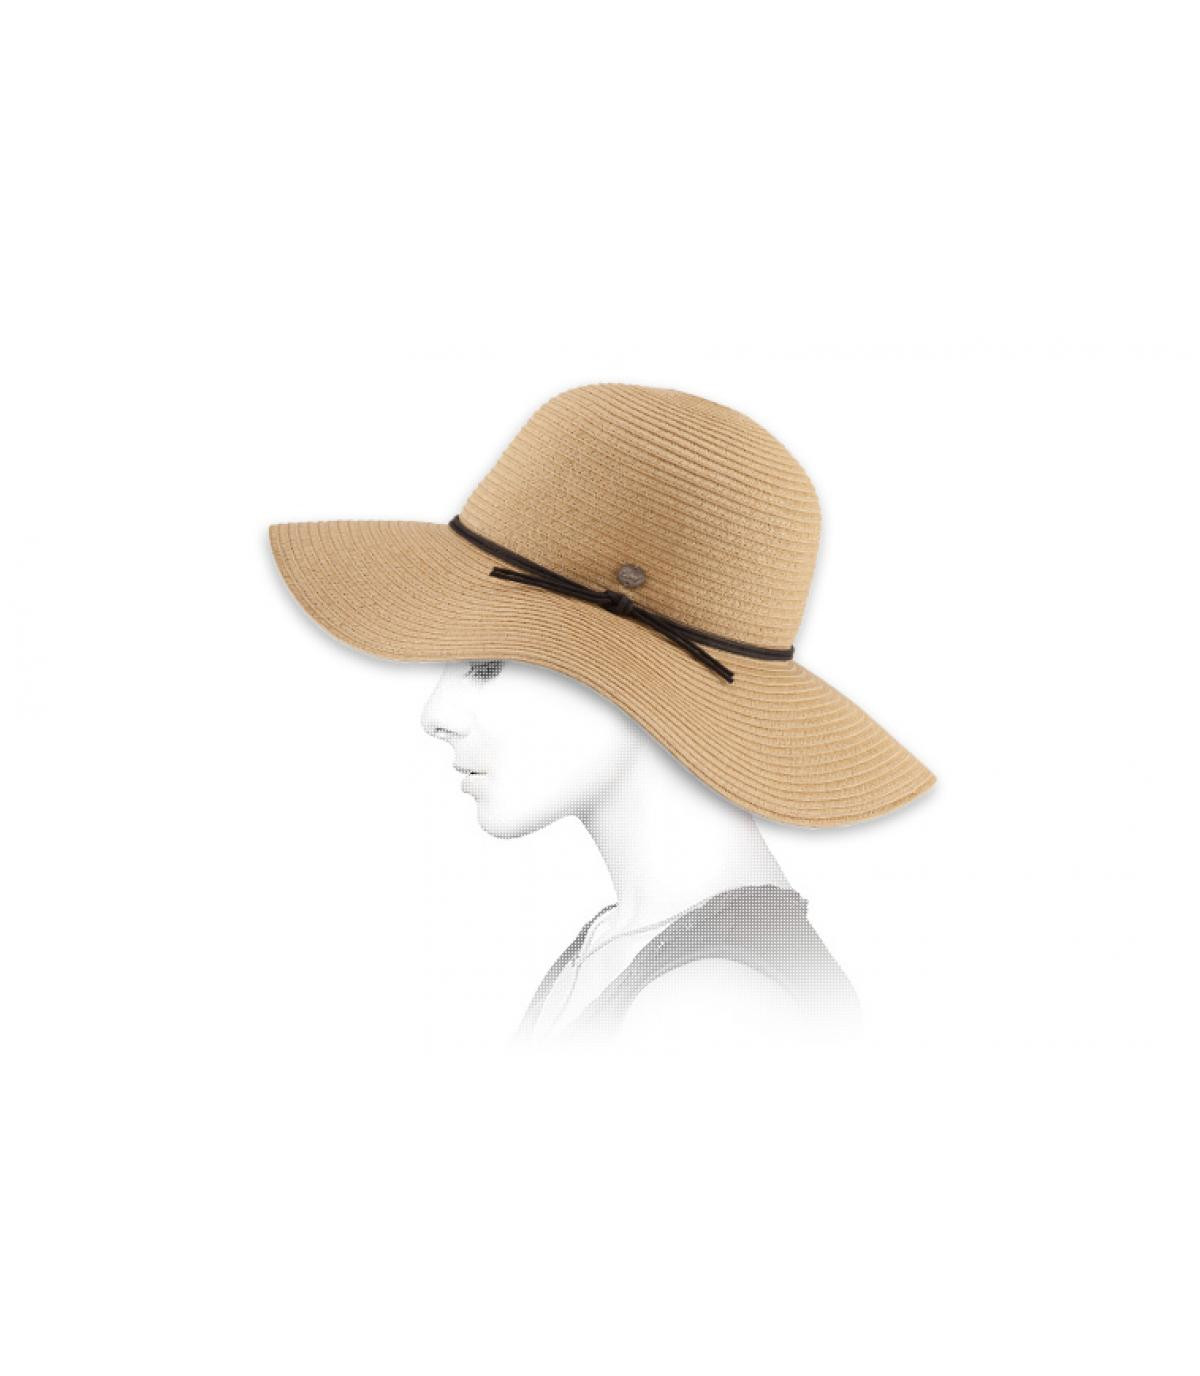 sombrero paja mujer Coal